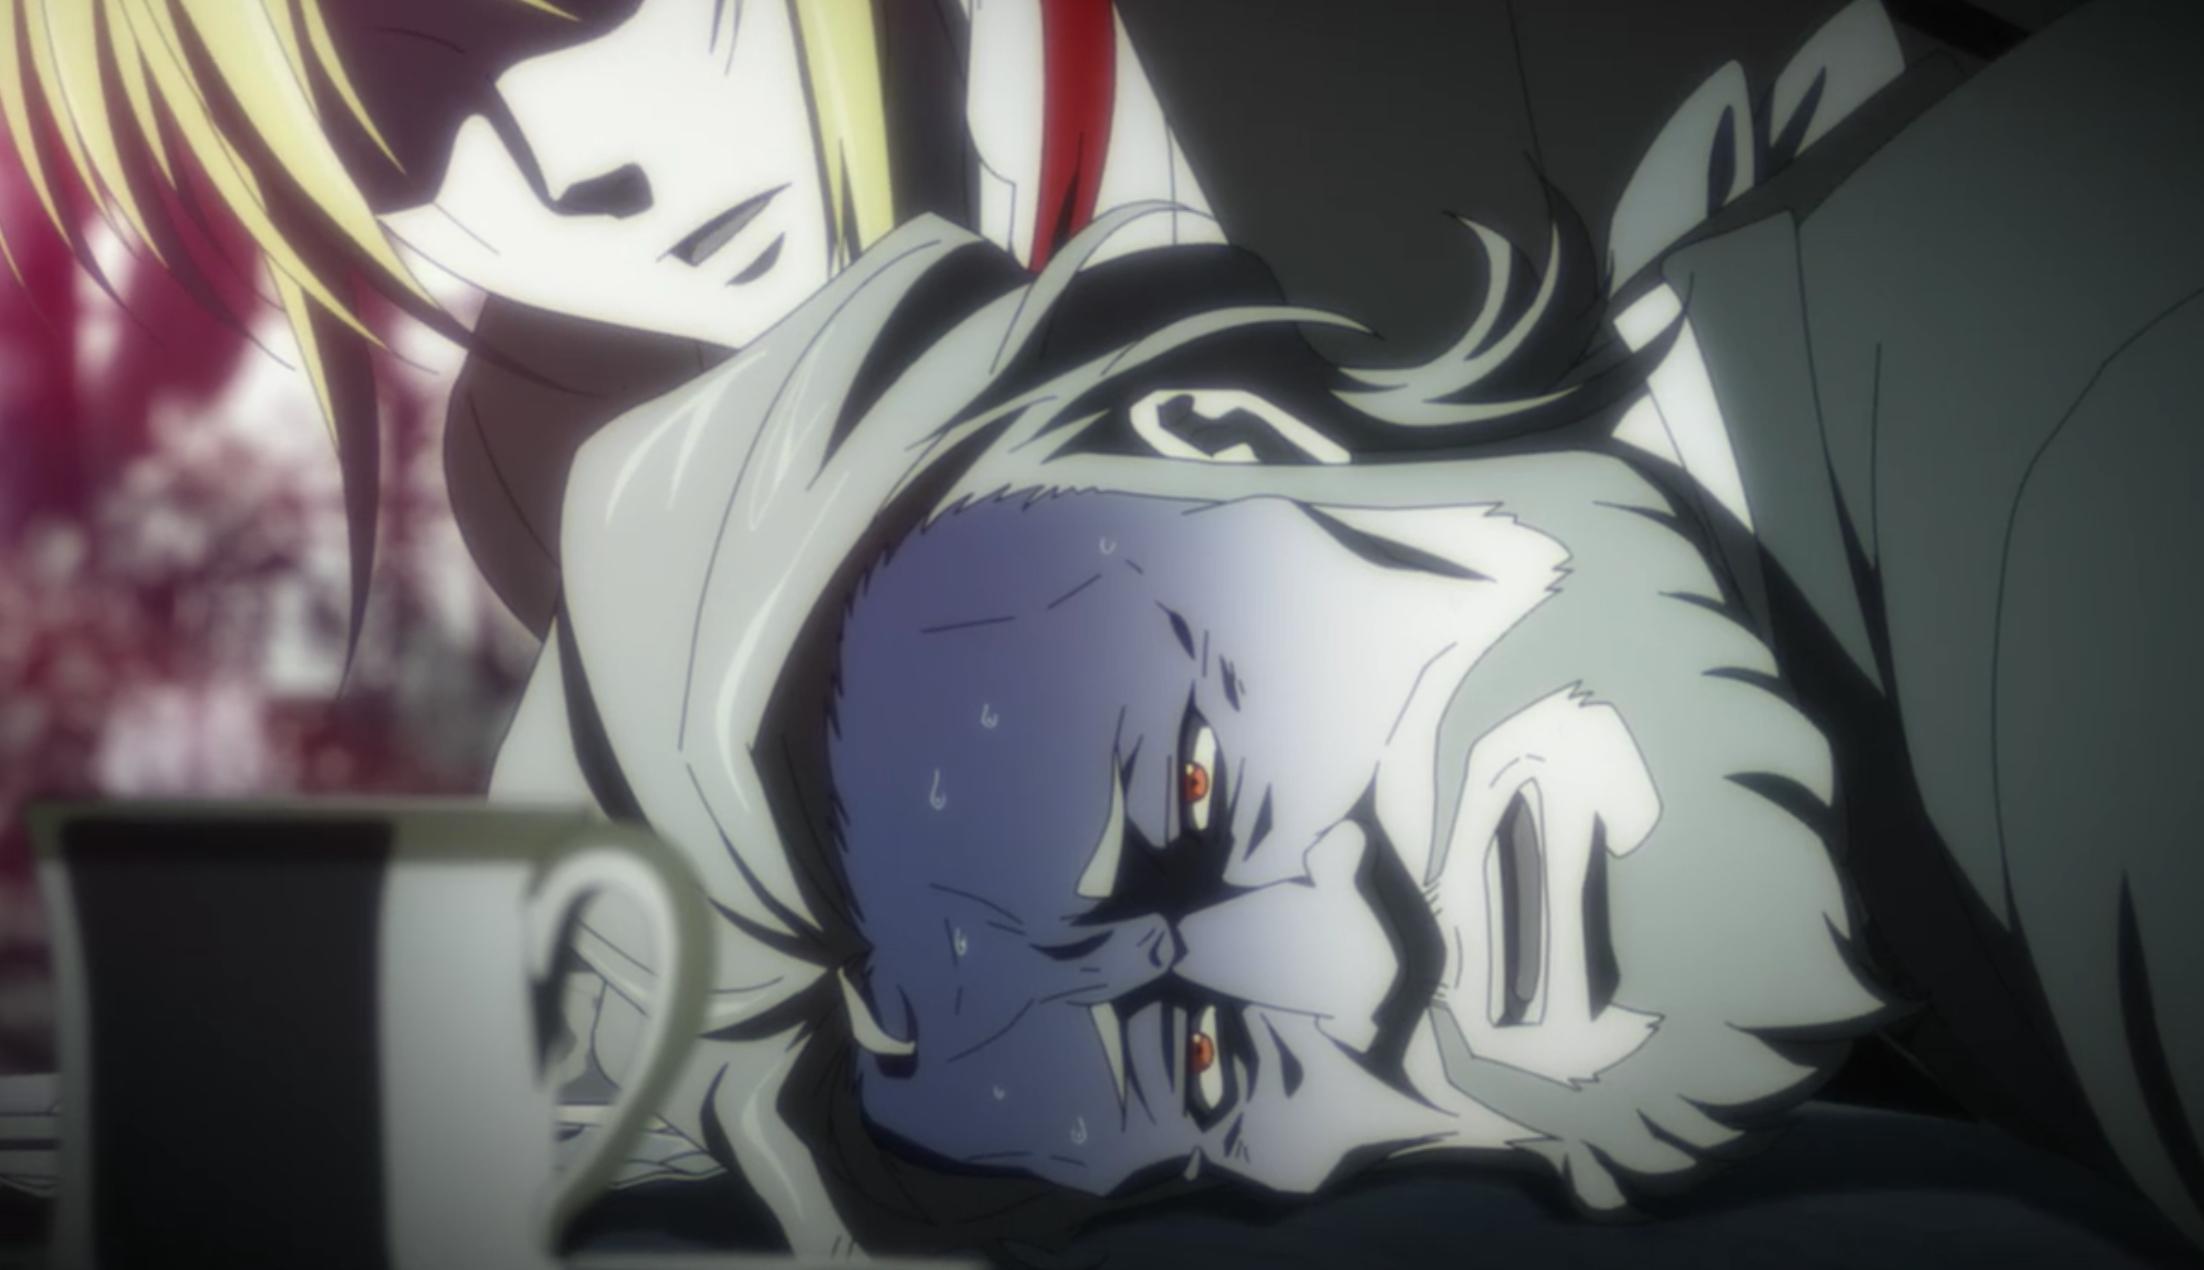 TVアニメ『憂国のモリアーティ』4話感想 子供を見捨てた貴族に恨みを募らせる夫婦の復讐にモリアーティ3兄弟が動く!